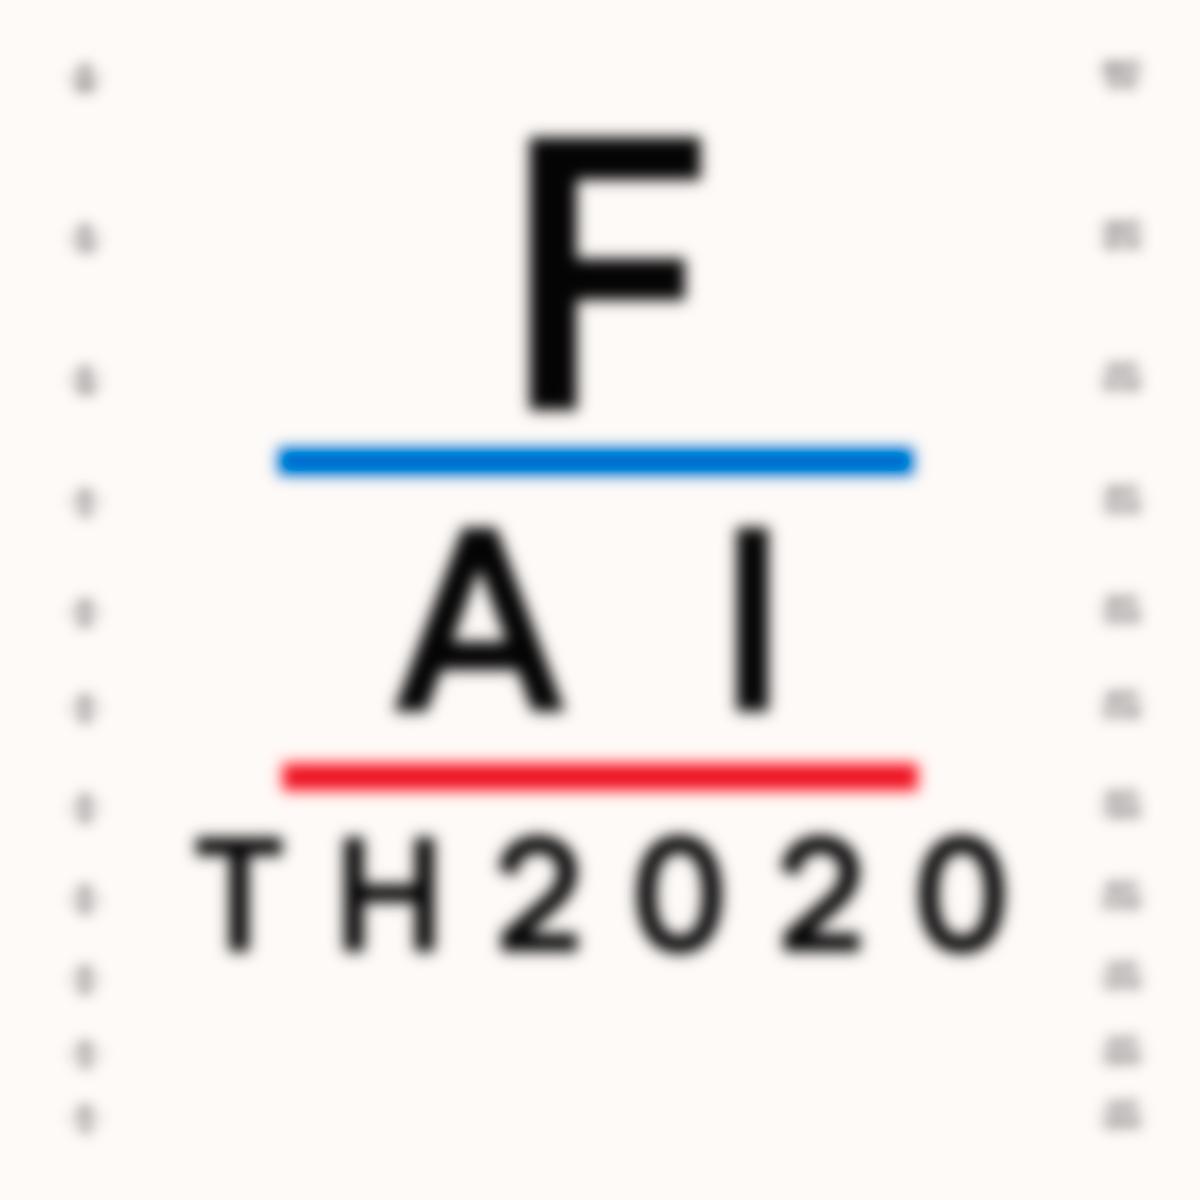 Eyechart that says Faith 2020